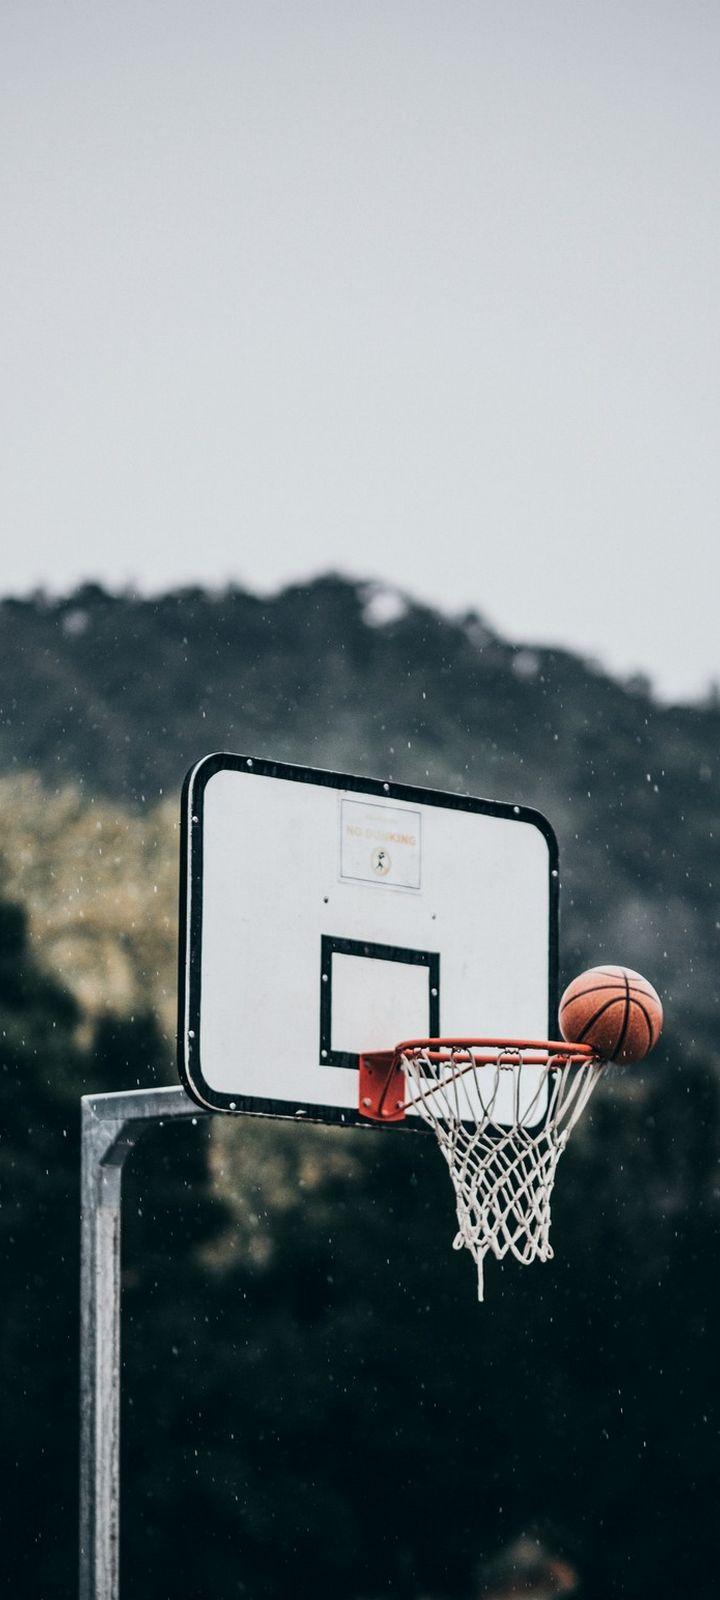 Basketball Ball Basket Wallpaper 720x1600